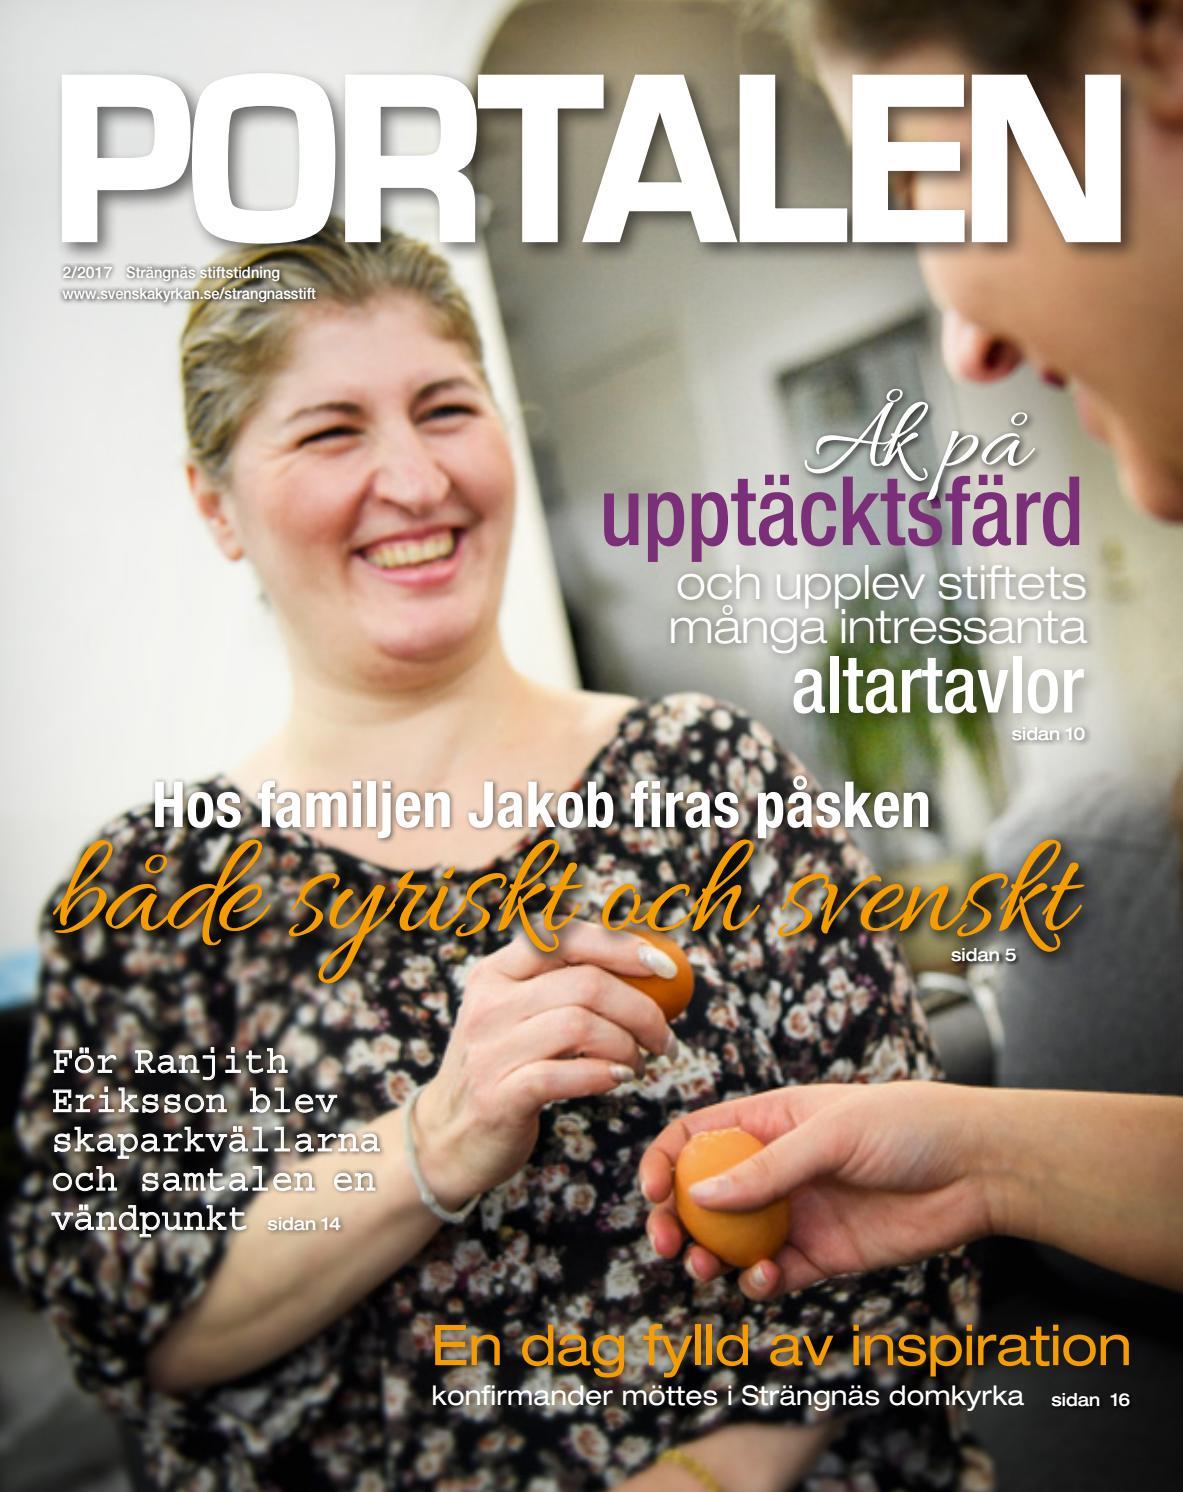 7 stt att trffa tjejer - Date Coaching Sweden